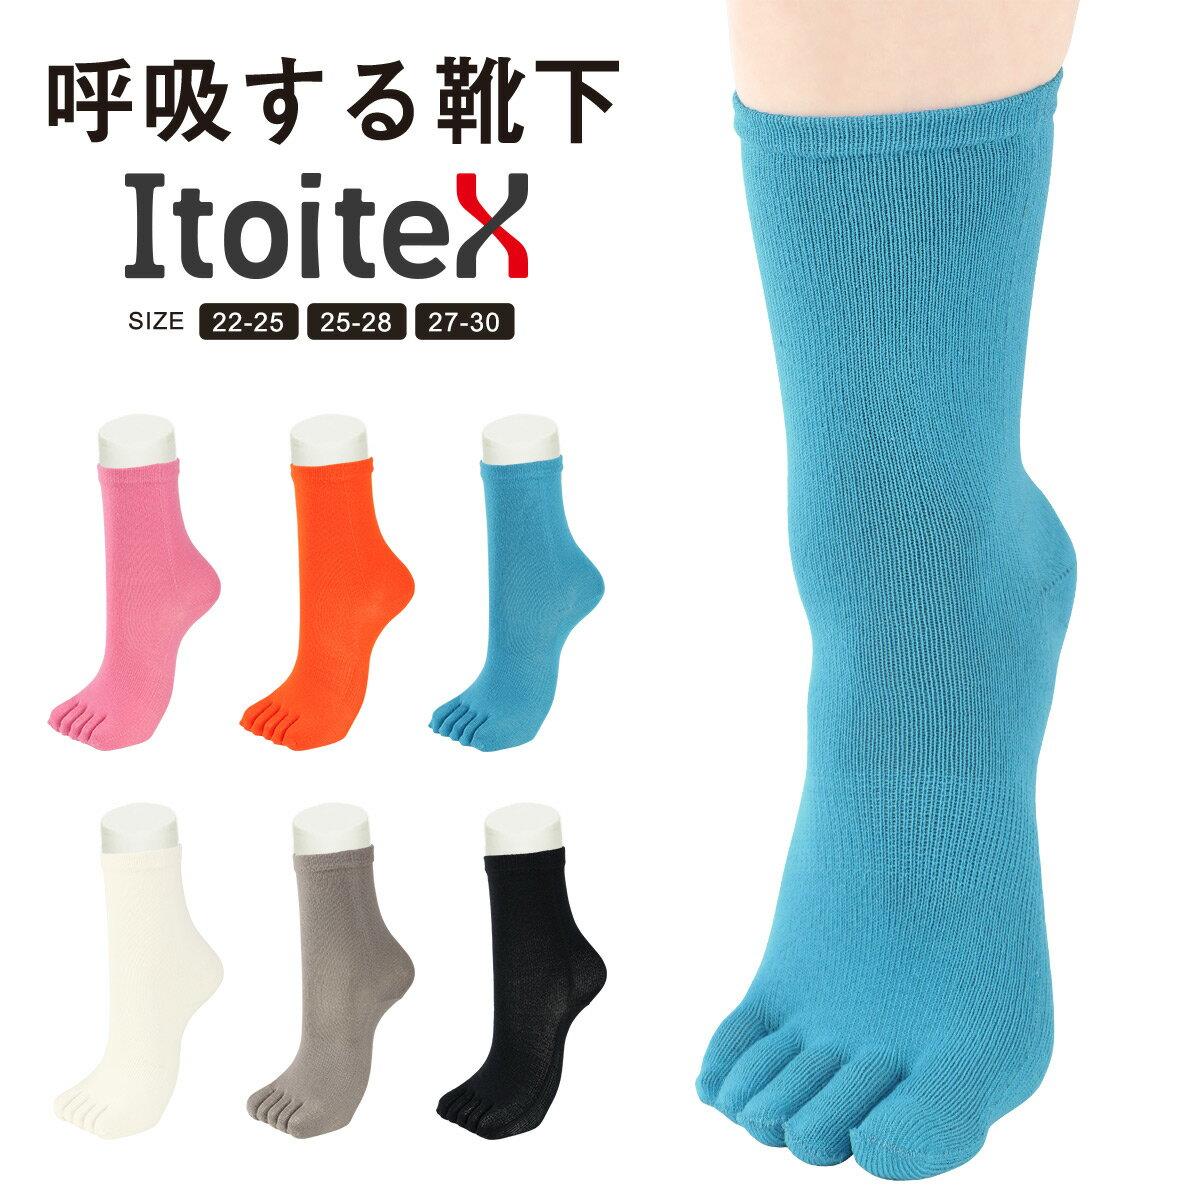 Itoitex (イトイテックス) ランニングソックス 5本指 セミロング 和紙×シルク ランニングソックス 靴下 マラソン トレイルランニング 男性 メンズ プレゼント 贈答 ギフト2945-502ポイント10倍